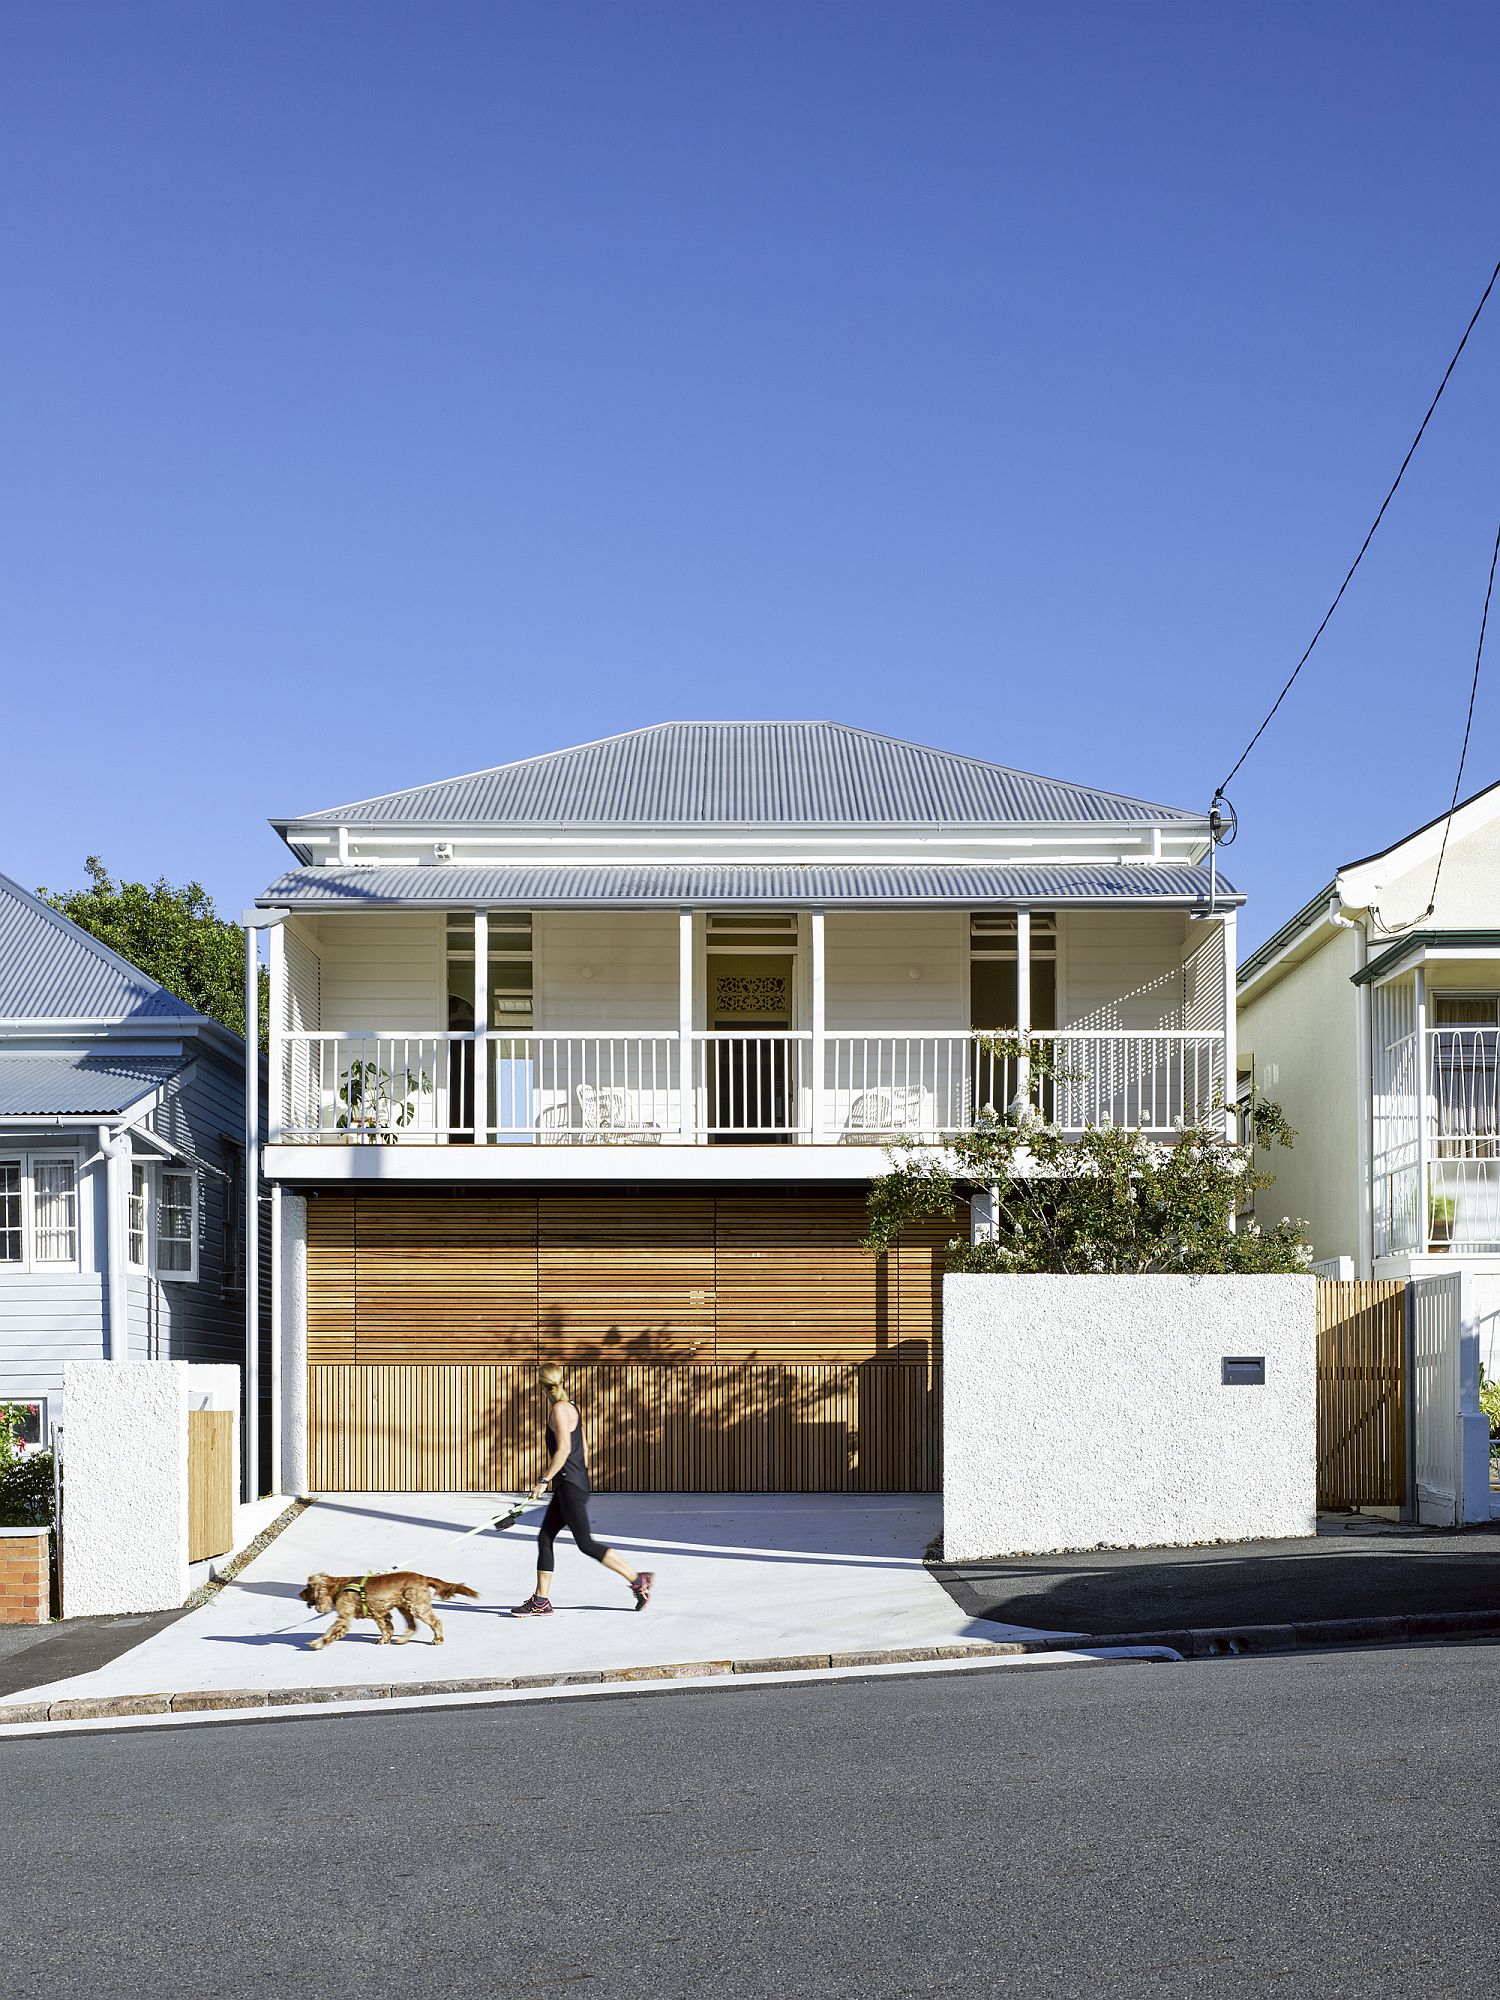 Wooden garage door makes sure that the charm of the street facade is left undisturbed